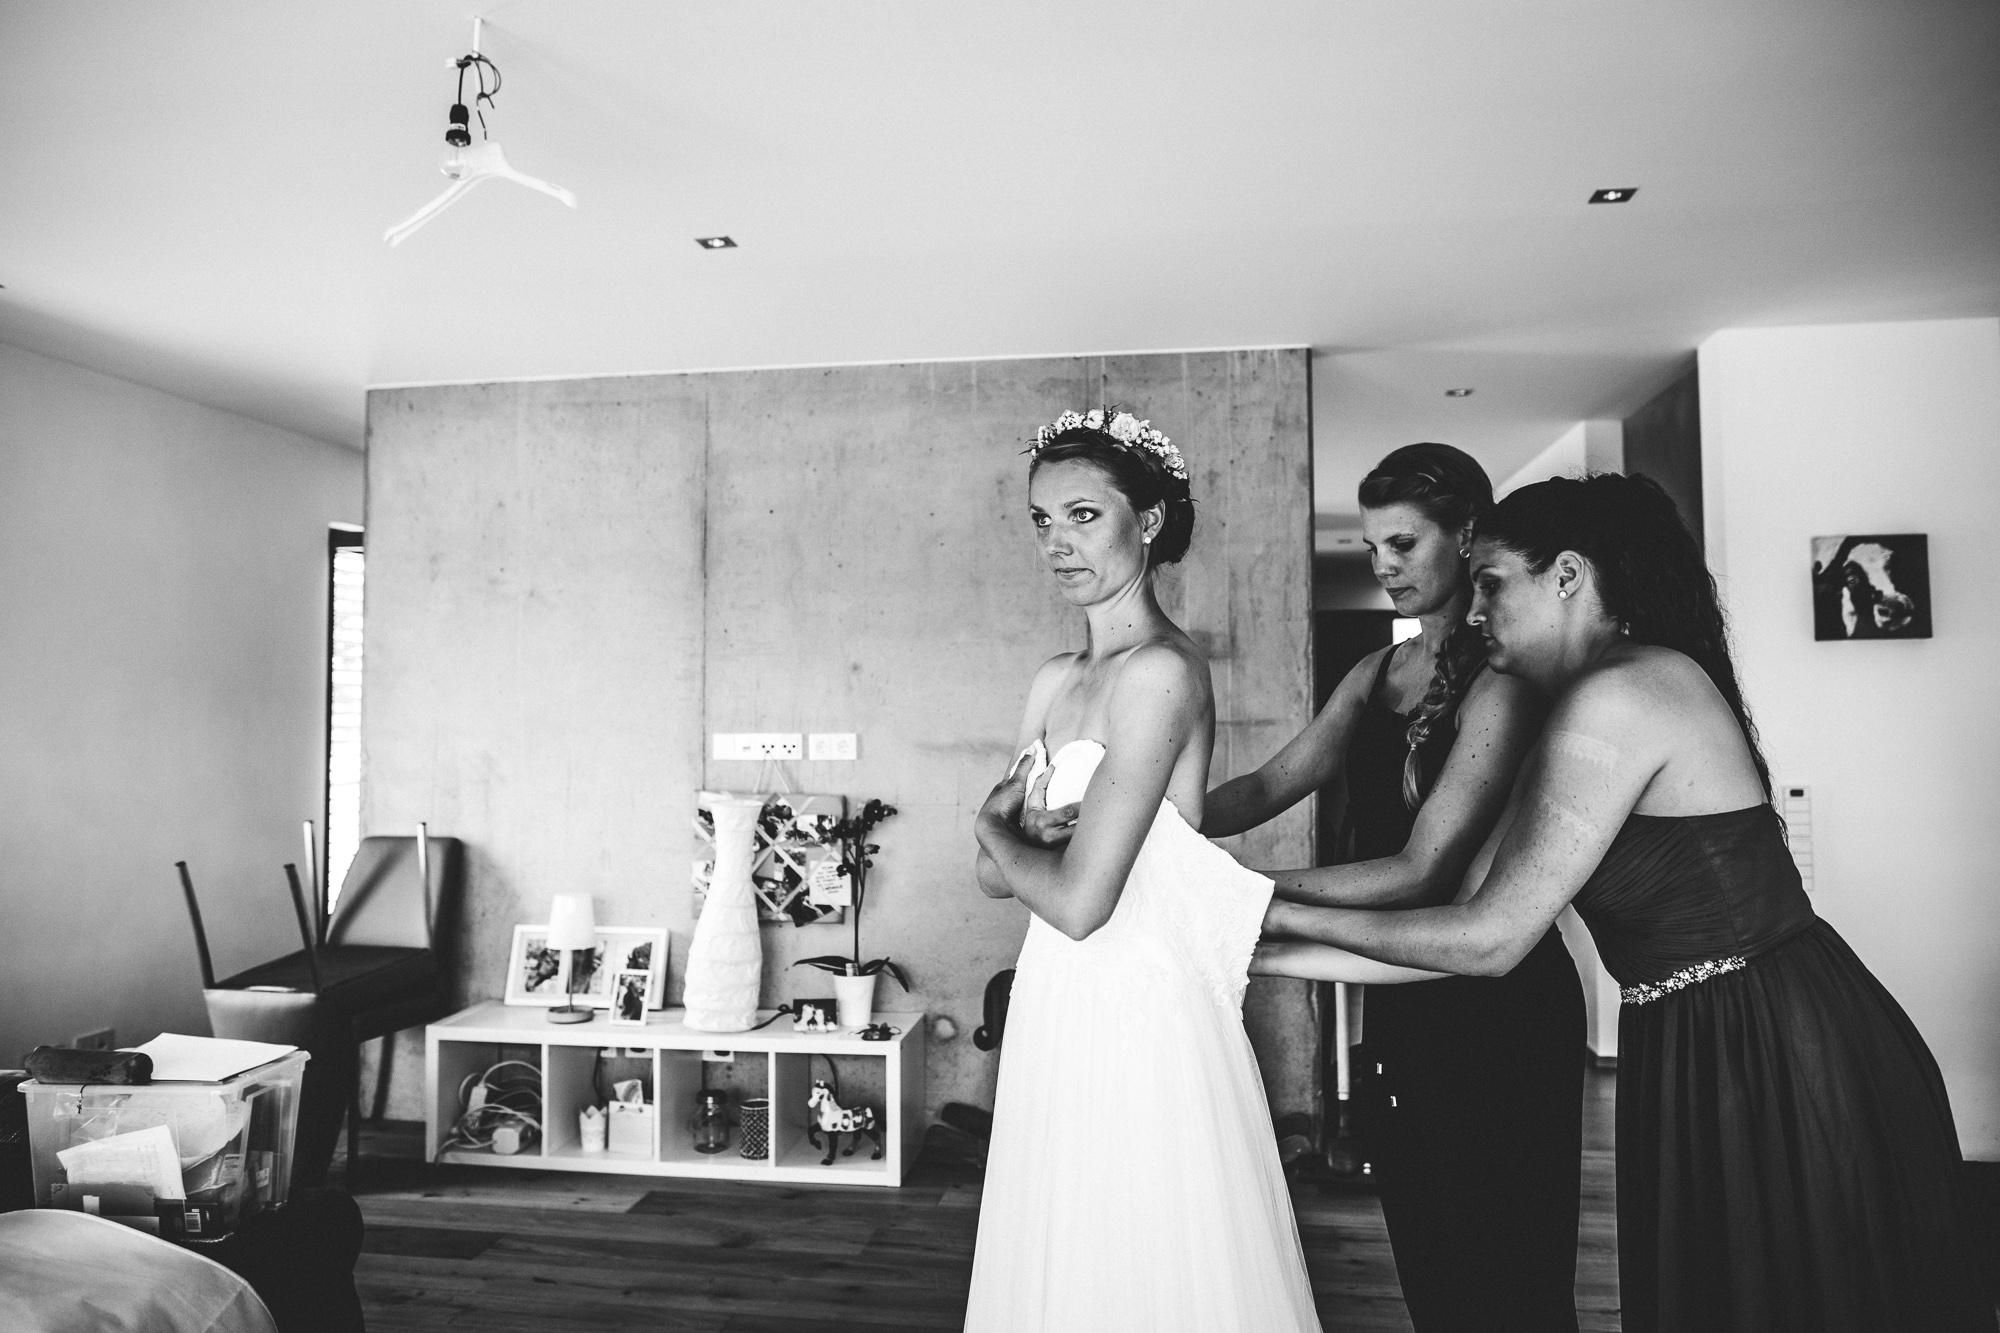 annethomas 021 - Hochzeit im wunderschönen Ladenburg in Eichenstolz